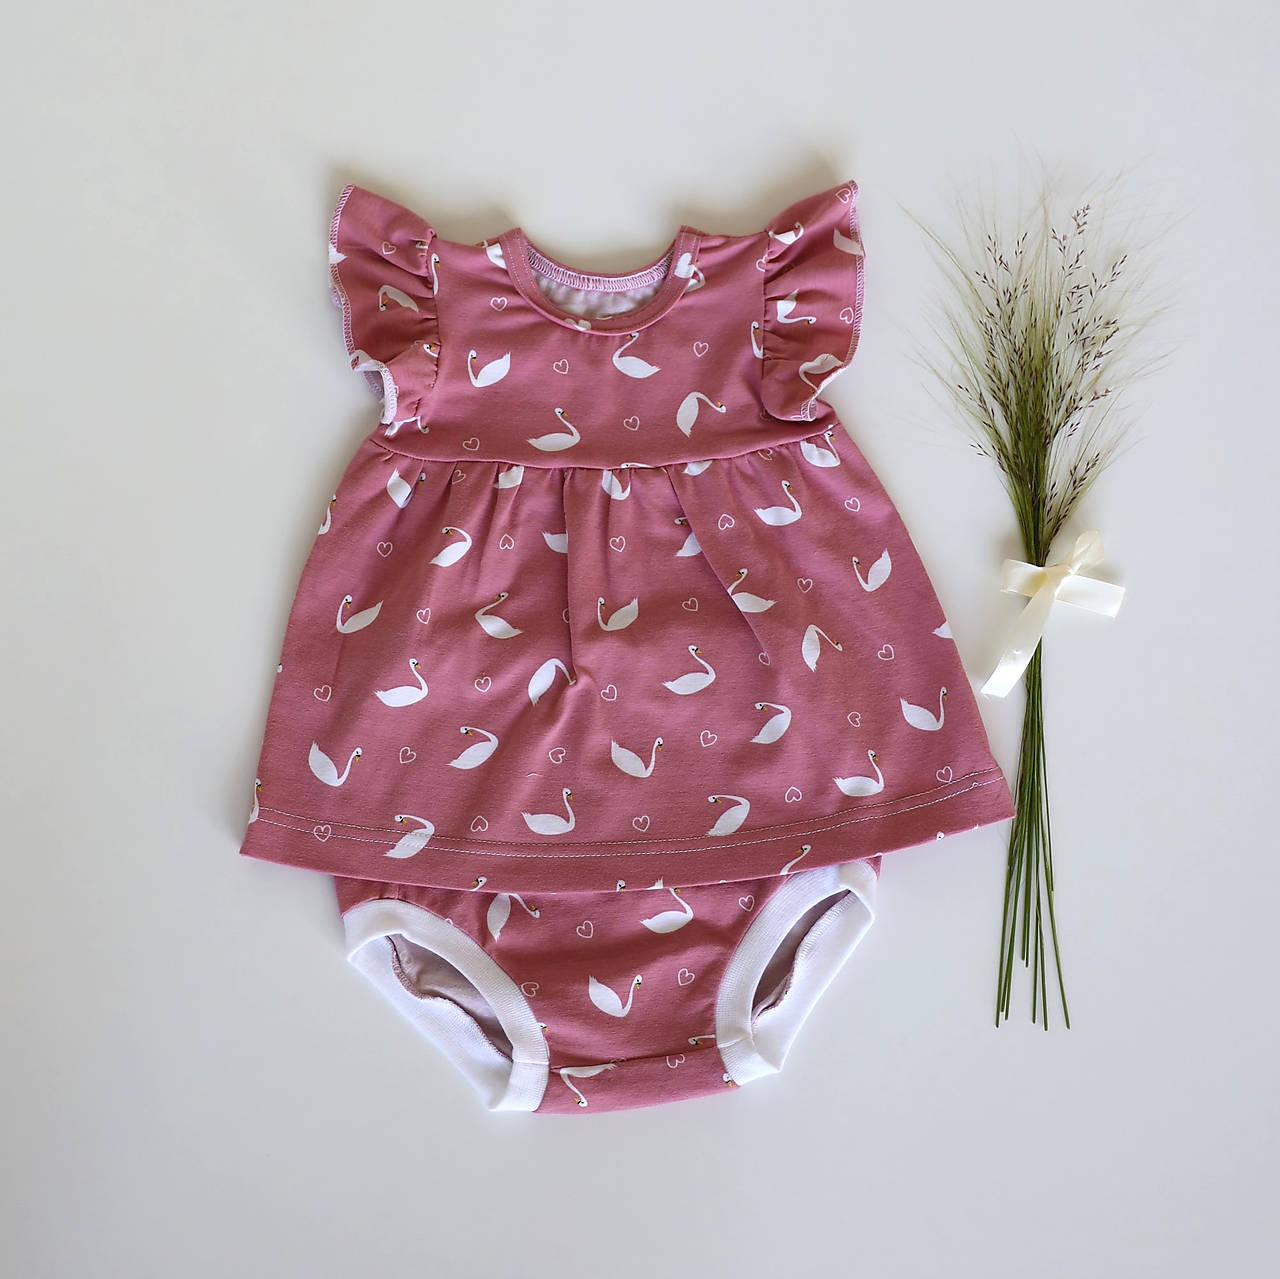 Detské oblečenie - Ružové šatôčky s labuťkami - 12035297_